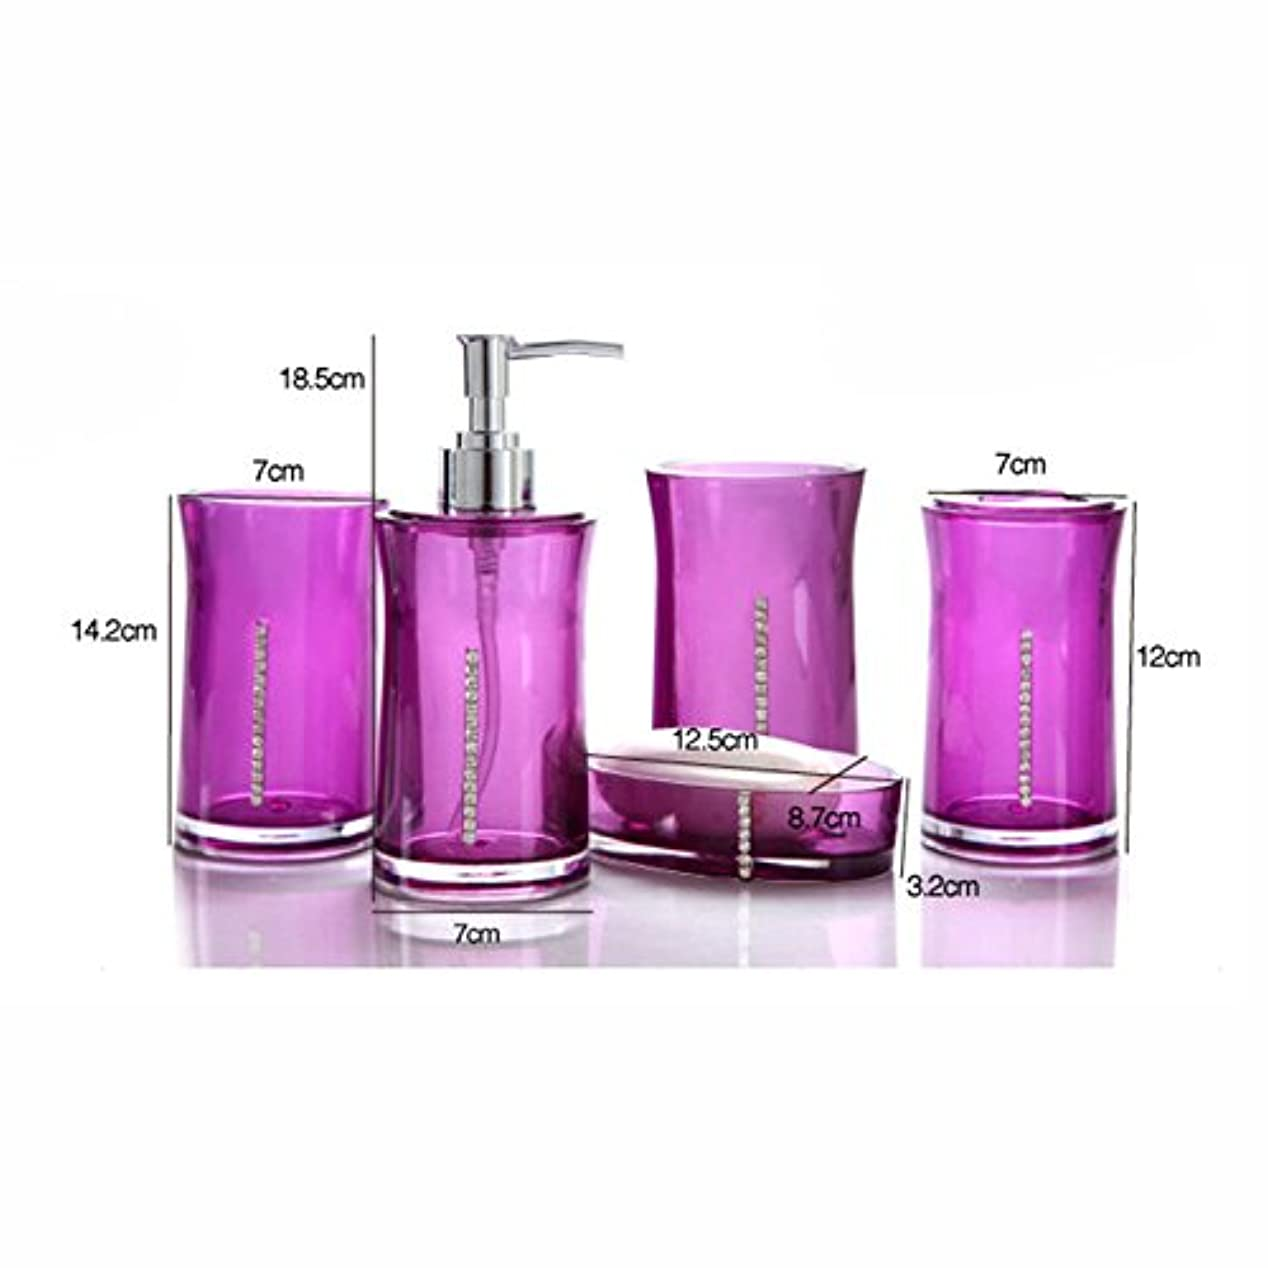 テクニカル憲法生むxlp シャワージェルアクリルボトル、キッチンバス用シャンプー液体石鹸ディスペンサーボトル (紫)